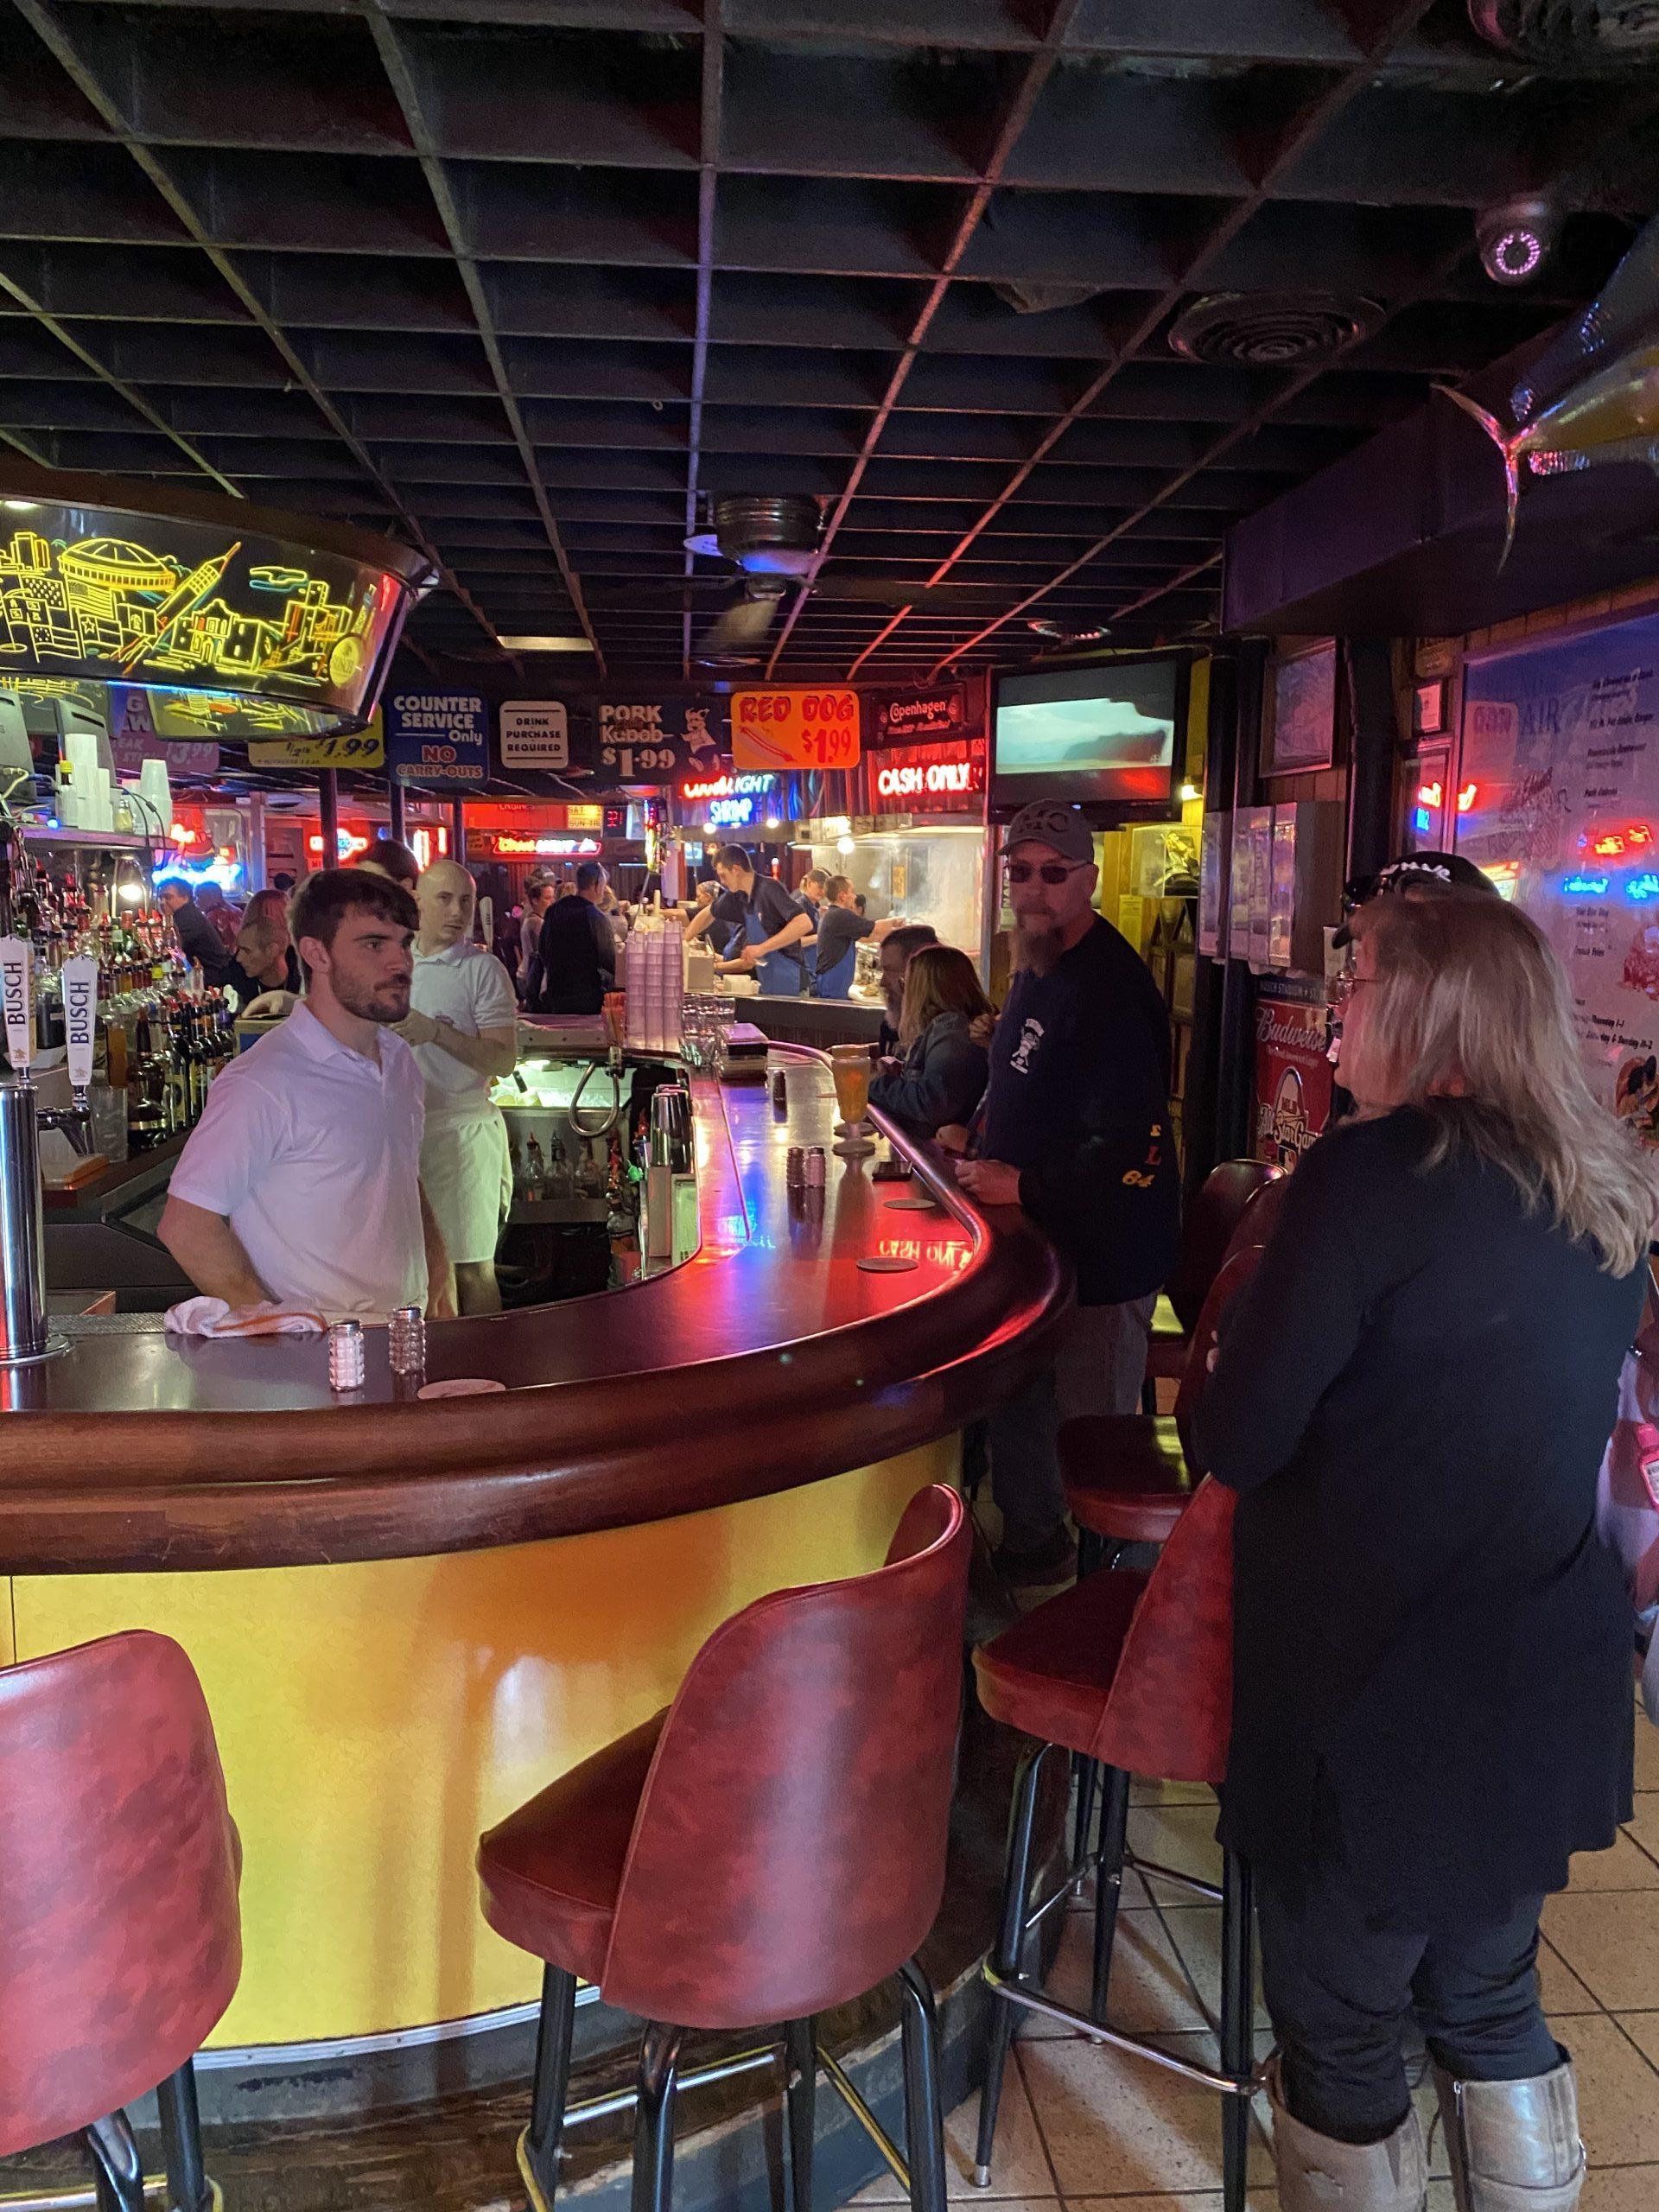 fast-eddies-bon-air-inside-bar